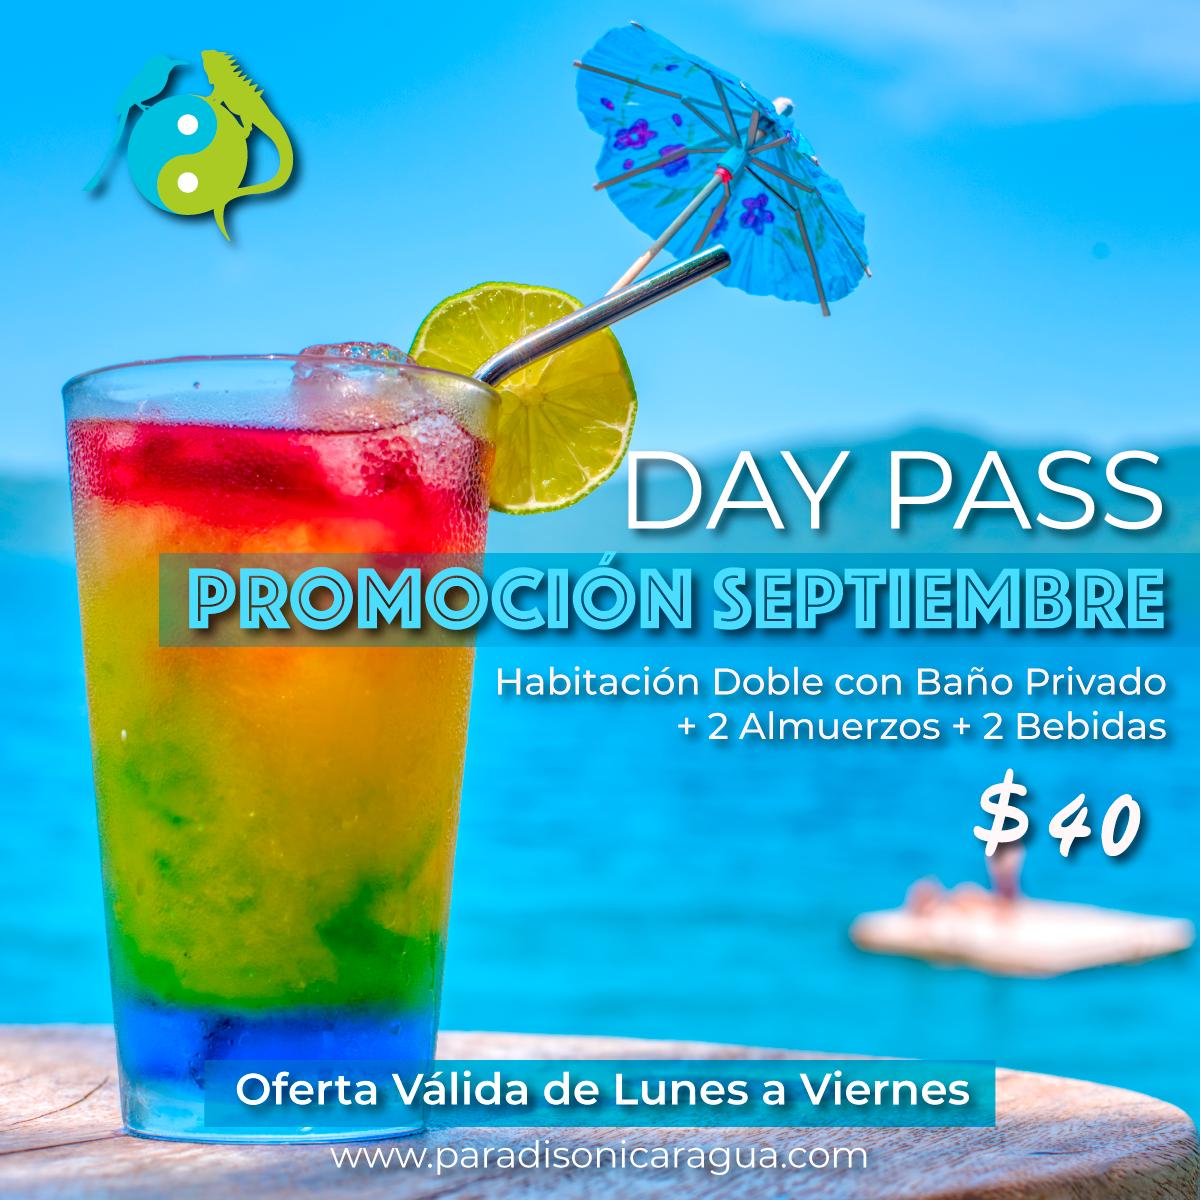 Promociones Septiembre 2020 Paradiso Nicaragua Hotel Laguna de Apoyo Booking